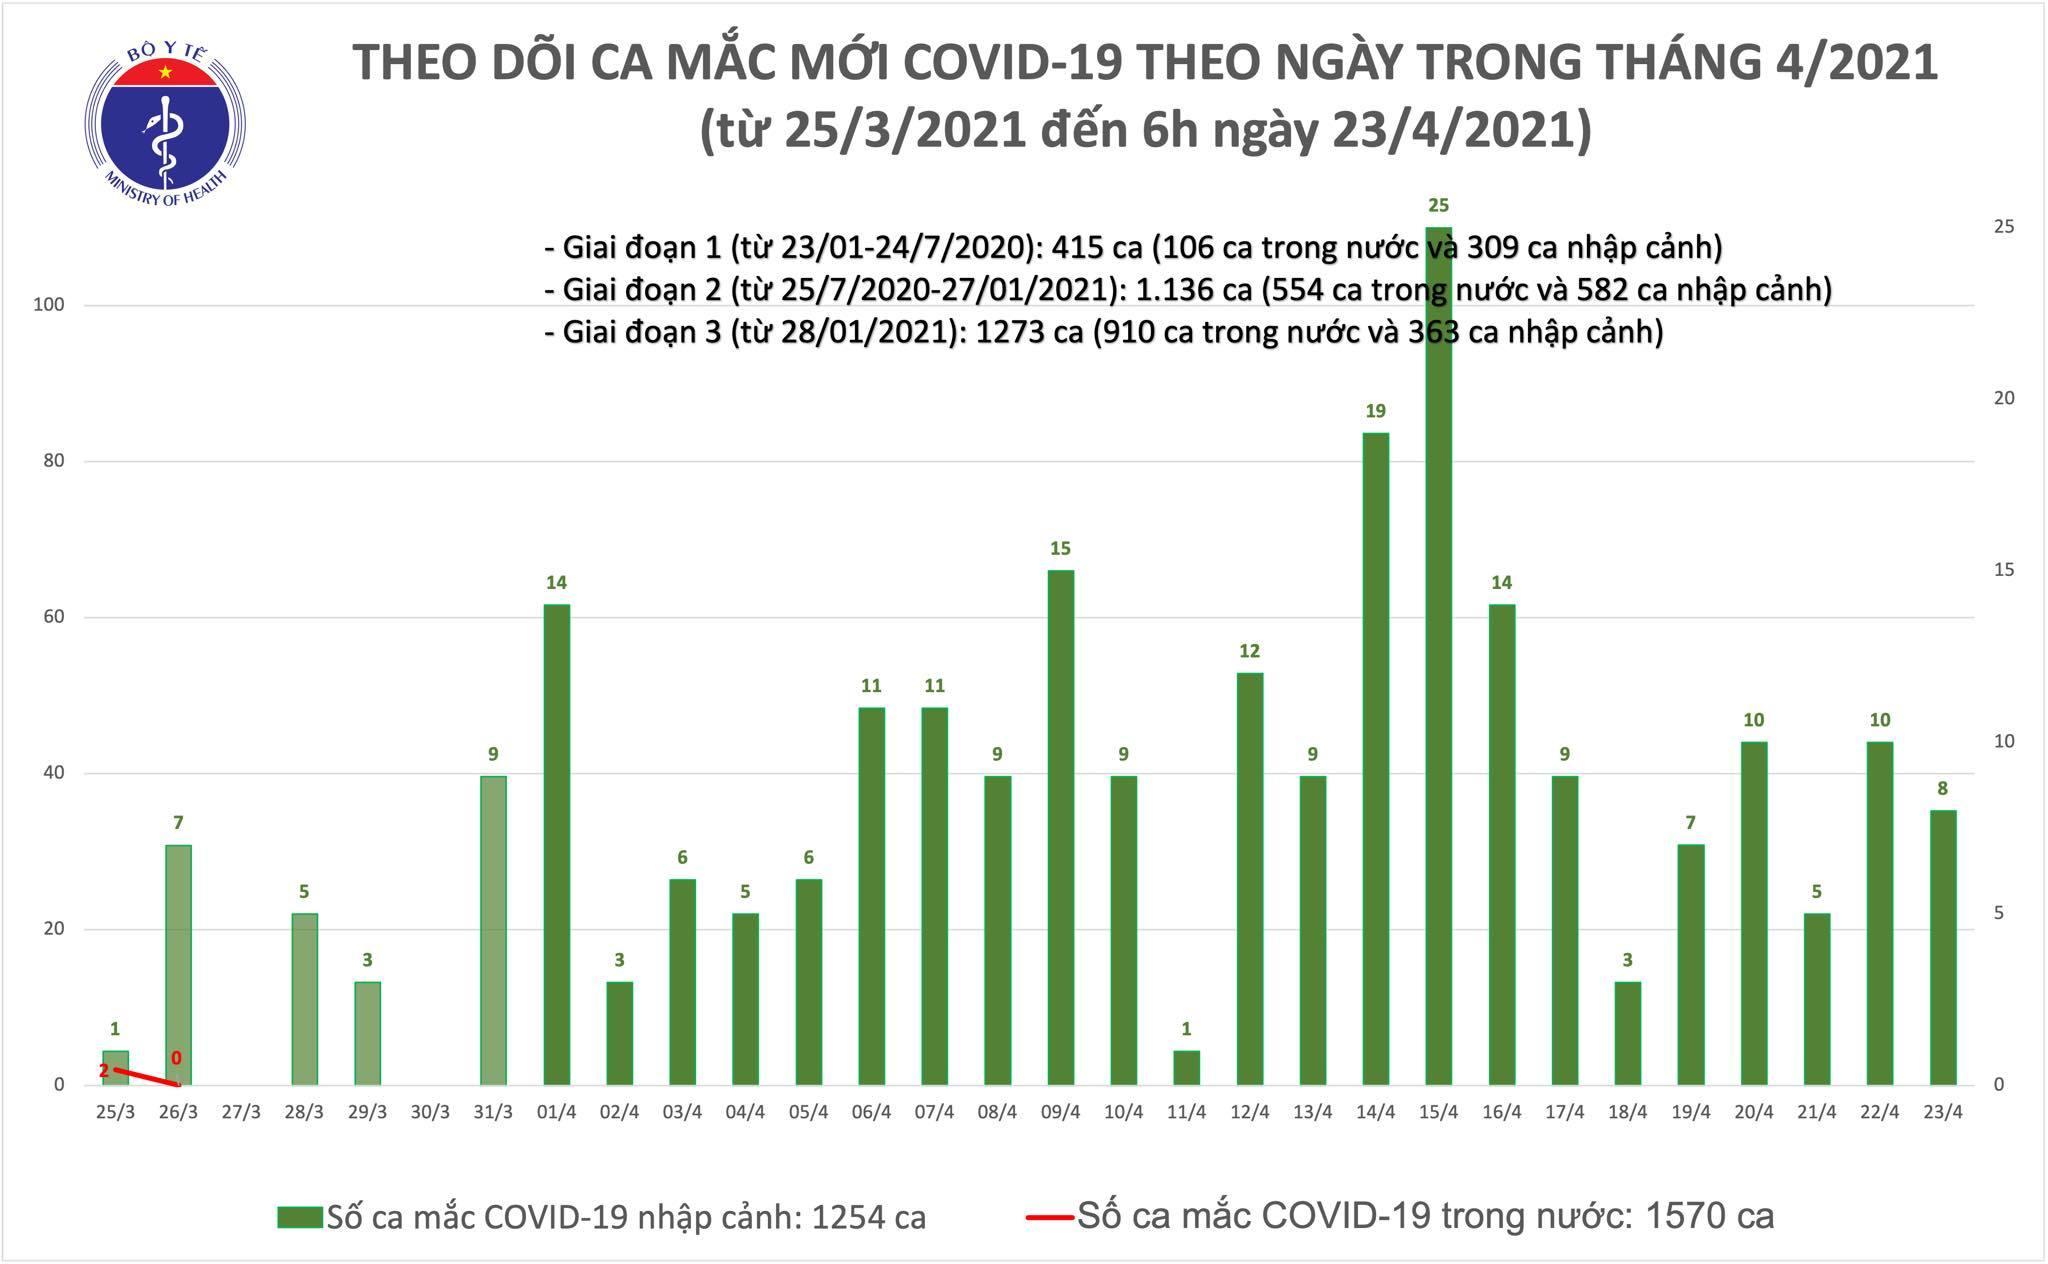 Việt Nam ghi nhận 8 ca Covid-19 mới